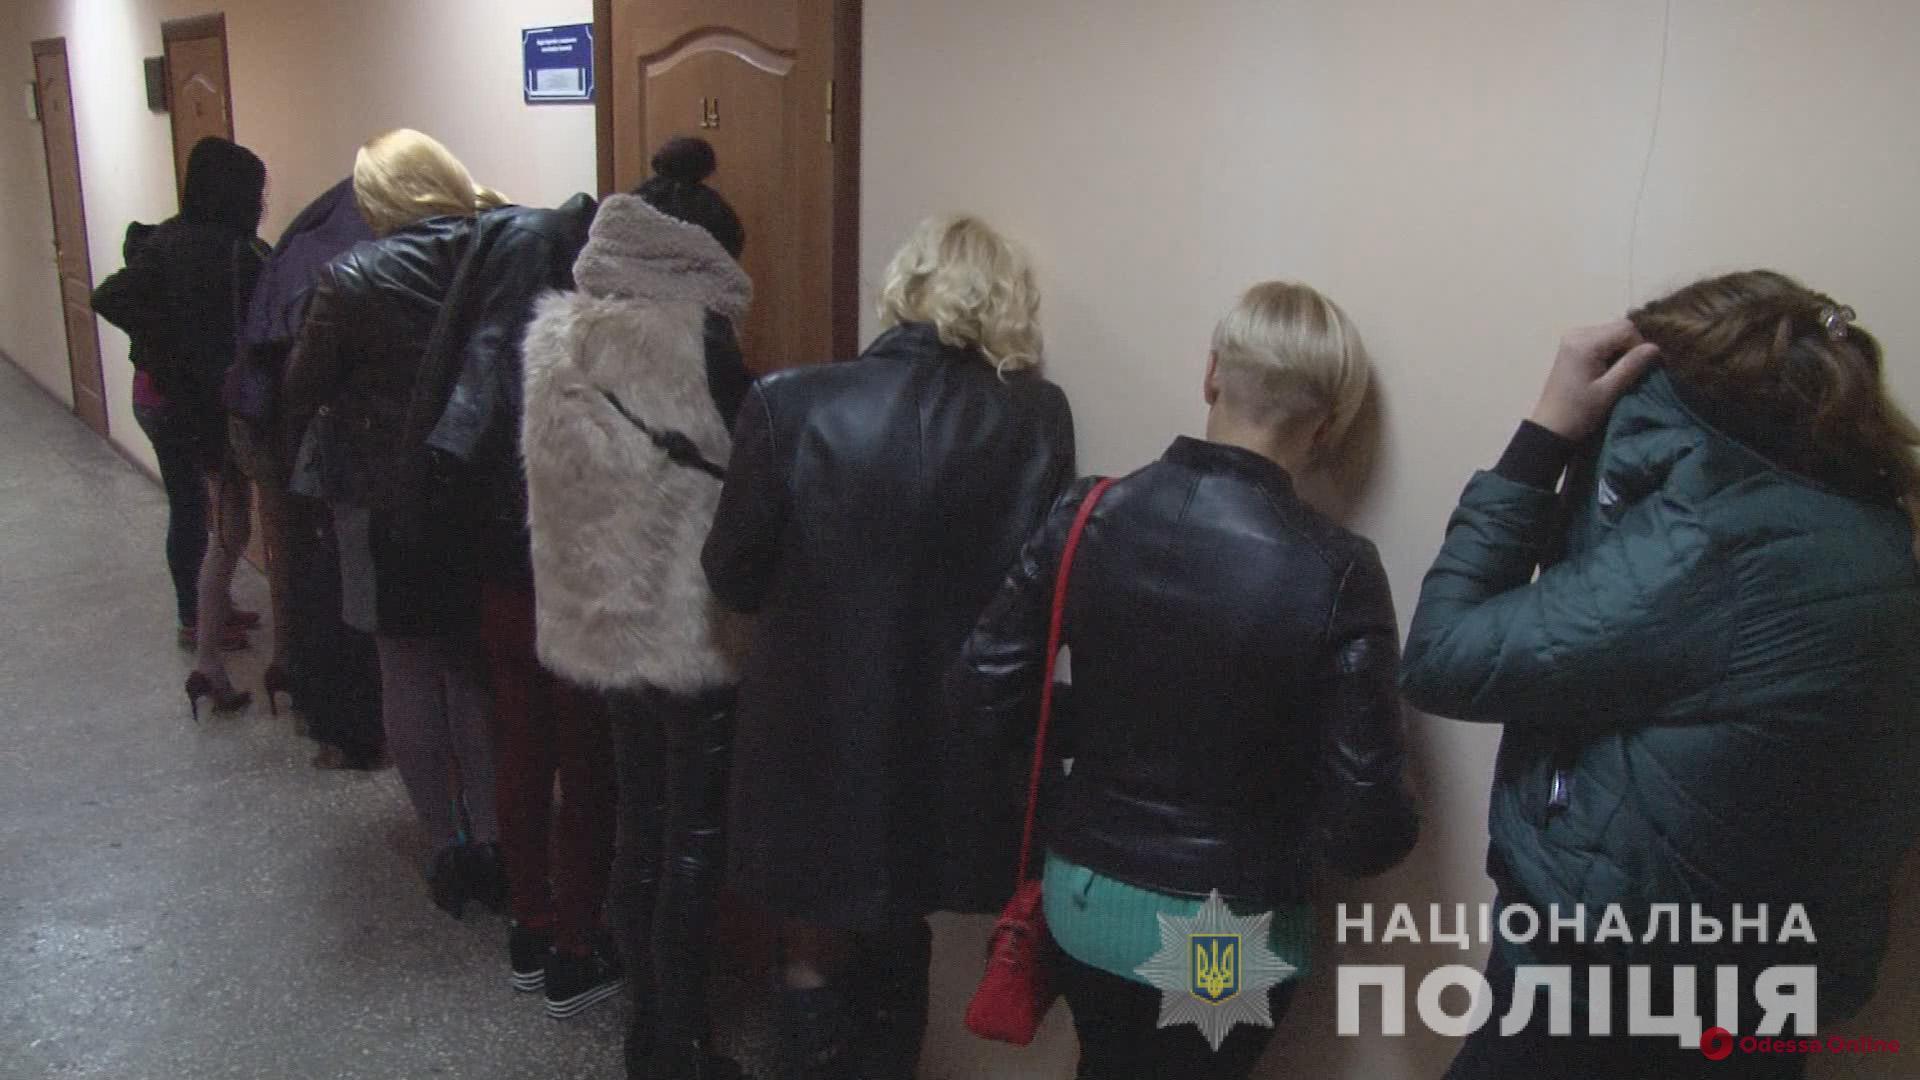 Борьба с проституцией: правоохранители провели рейд в центре Одессы (видео)